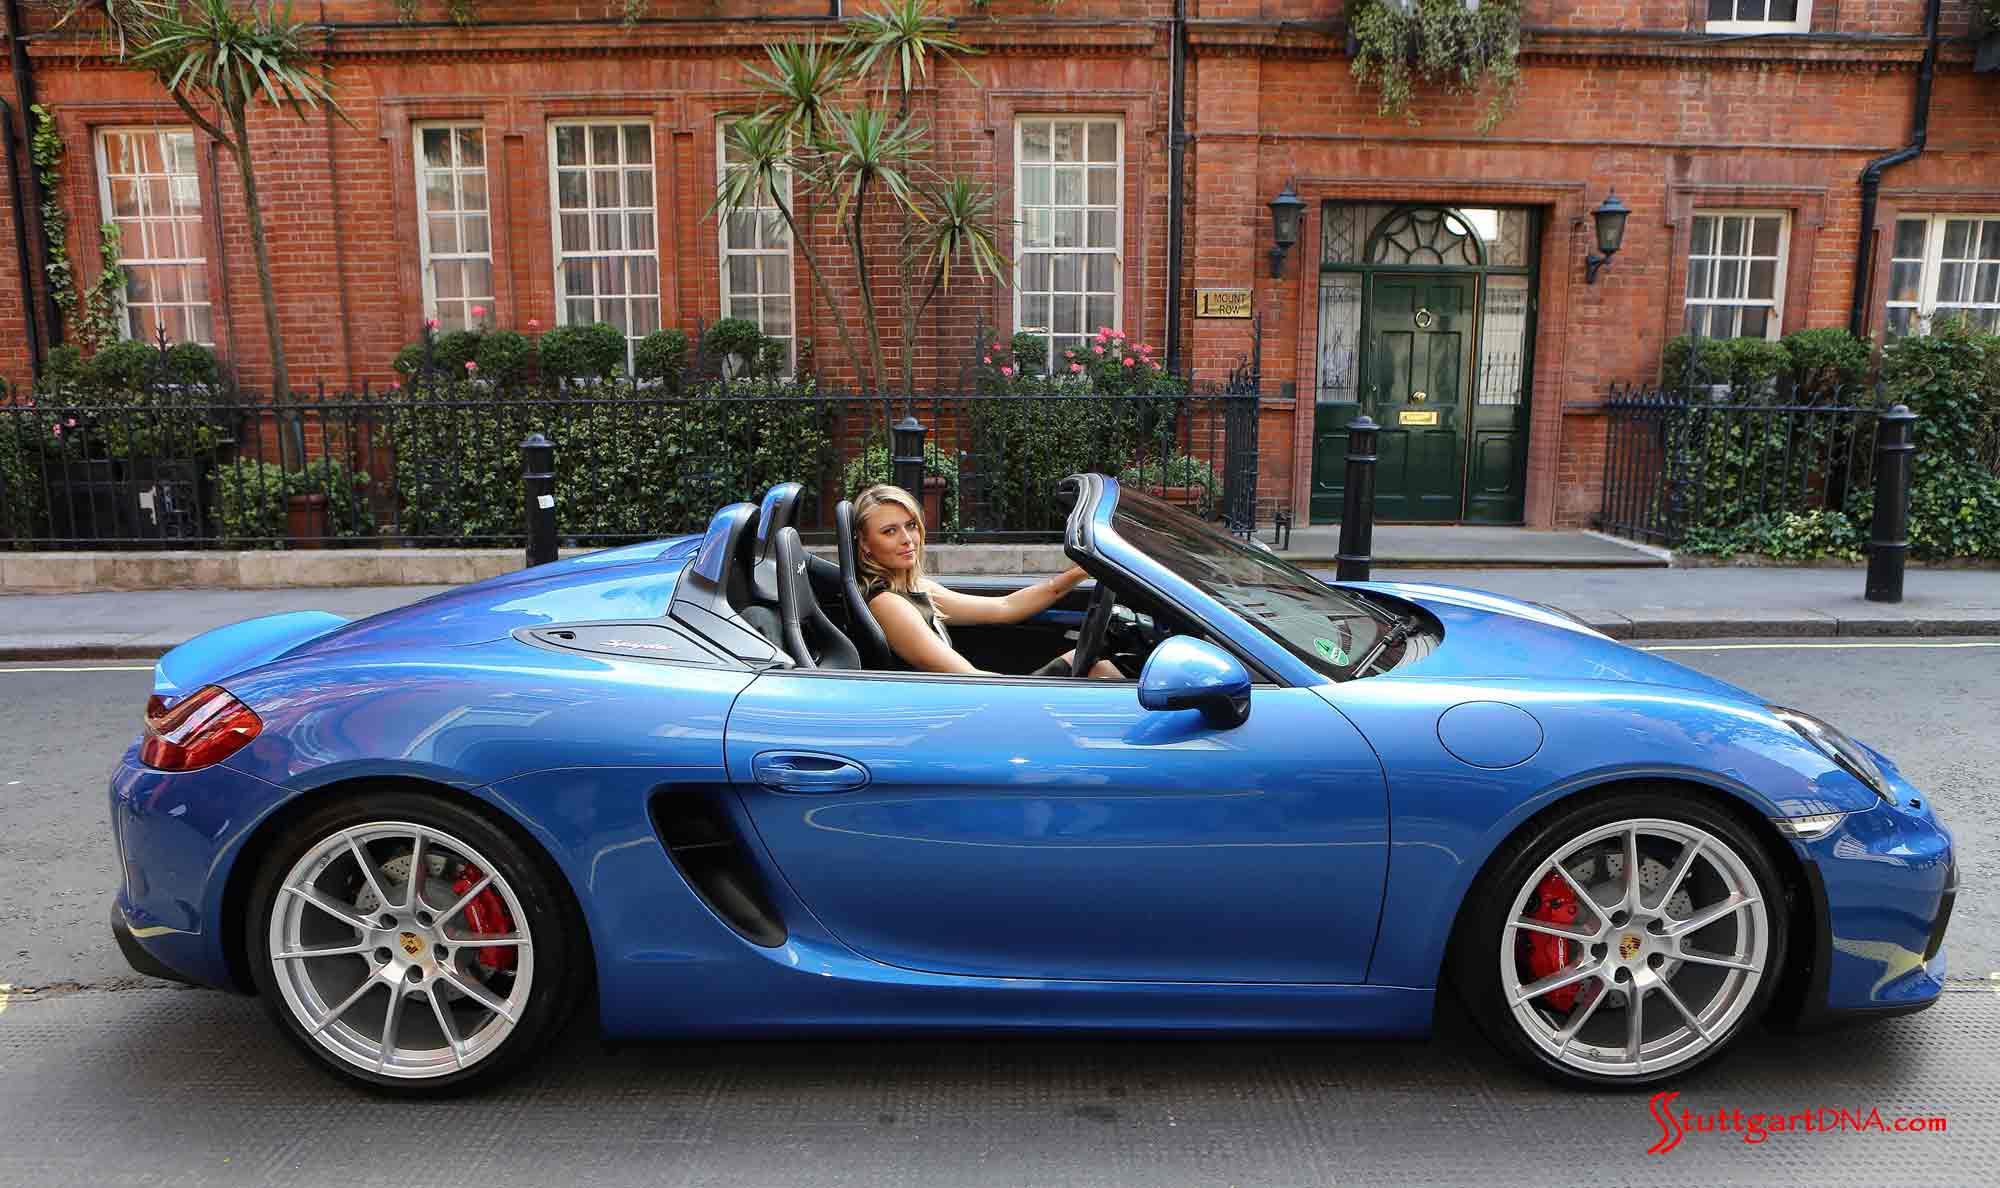 Sharapova-behind-wheel-of-Boxster-Spyder-outside-Porsche-Centre-Mayfair Mesmerizing Porsche 918 Spyder London Ontario Cars Trend